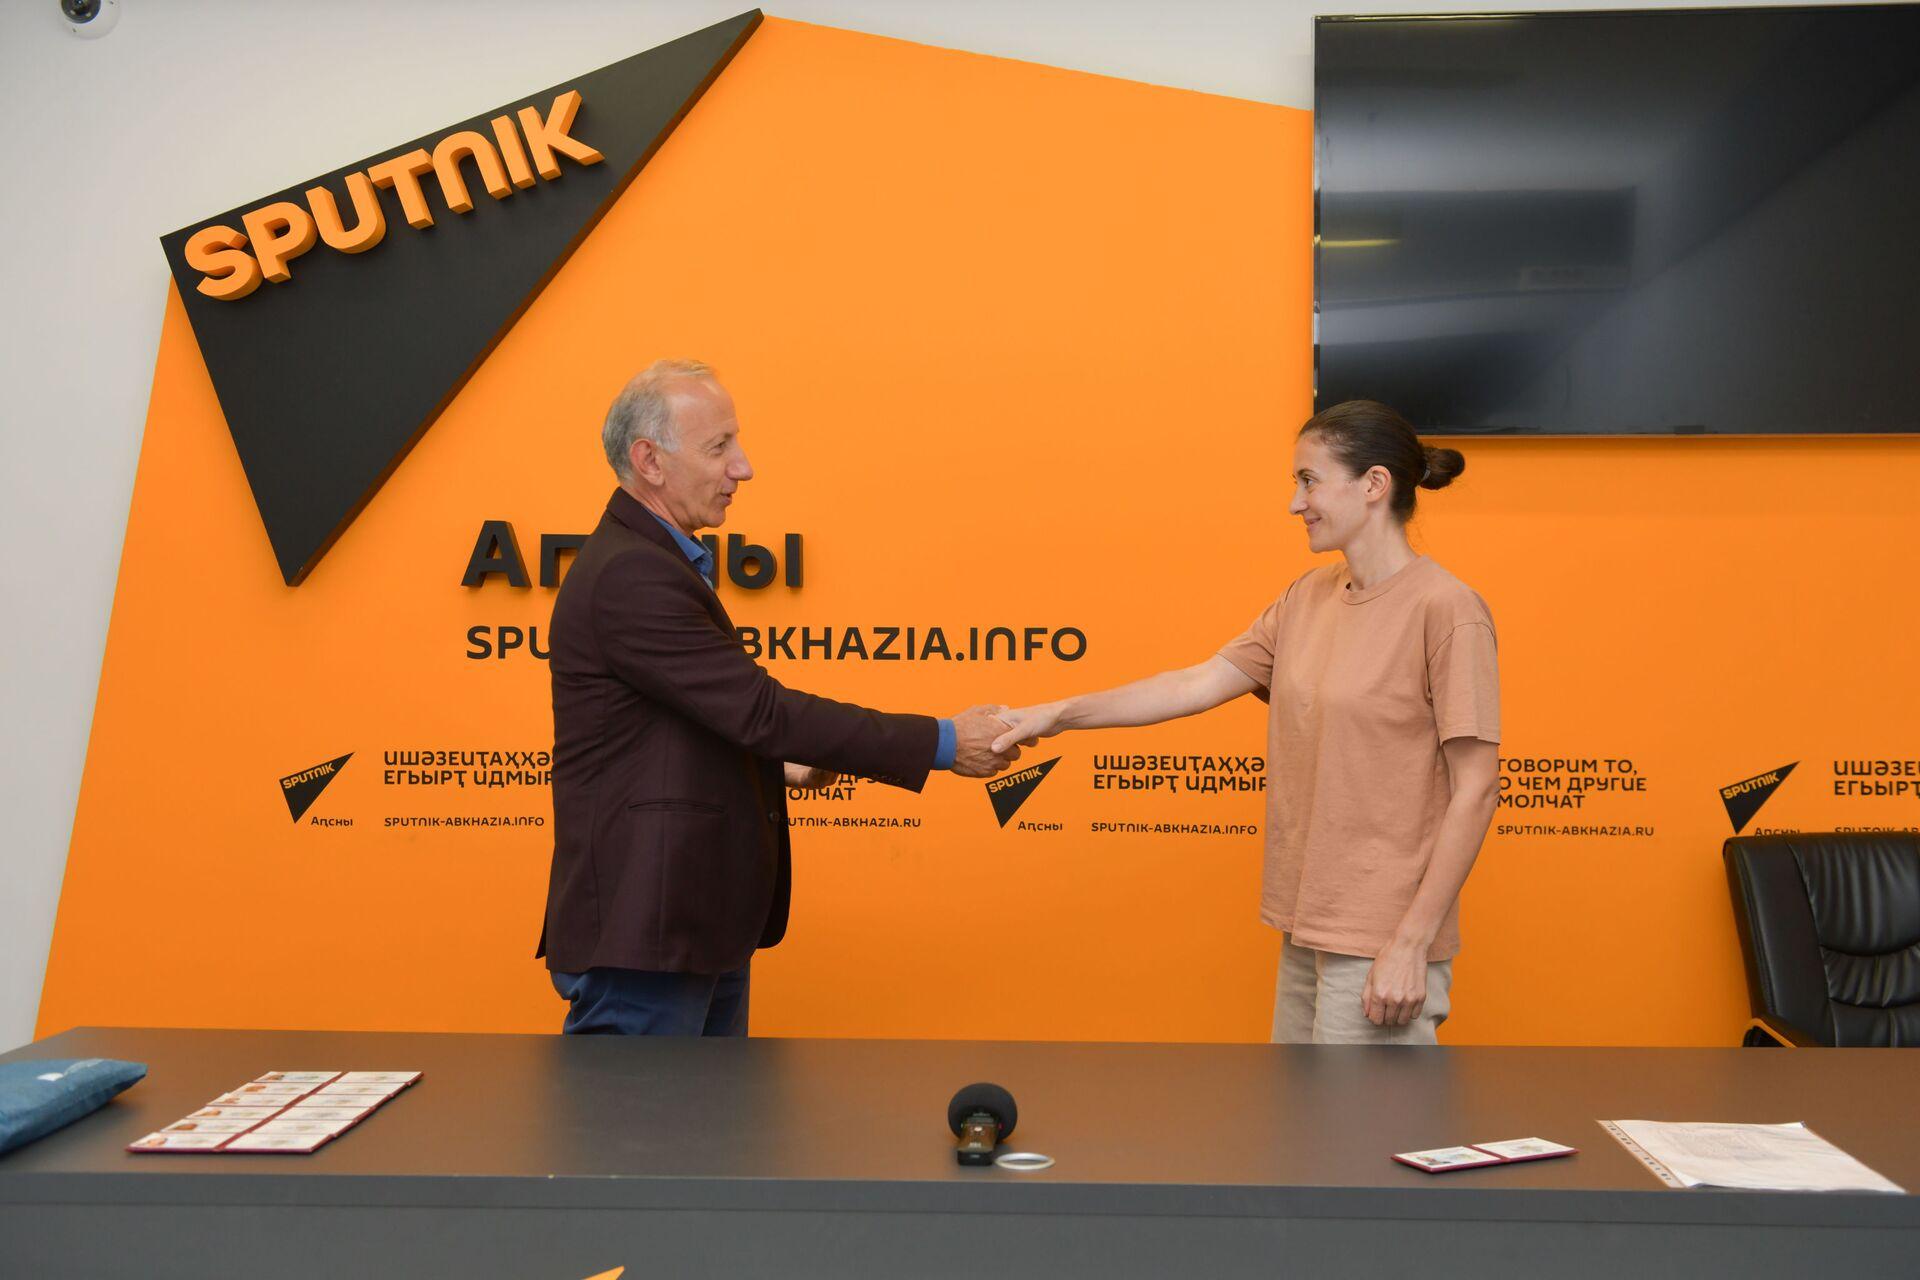 Сотрудники Sputnik стали членами Союза журналистов Абхазии  - Sputnik Аҧсны, 1920, 12.10.2021